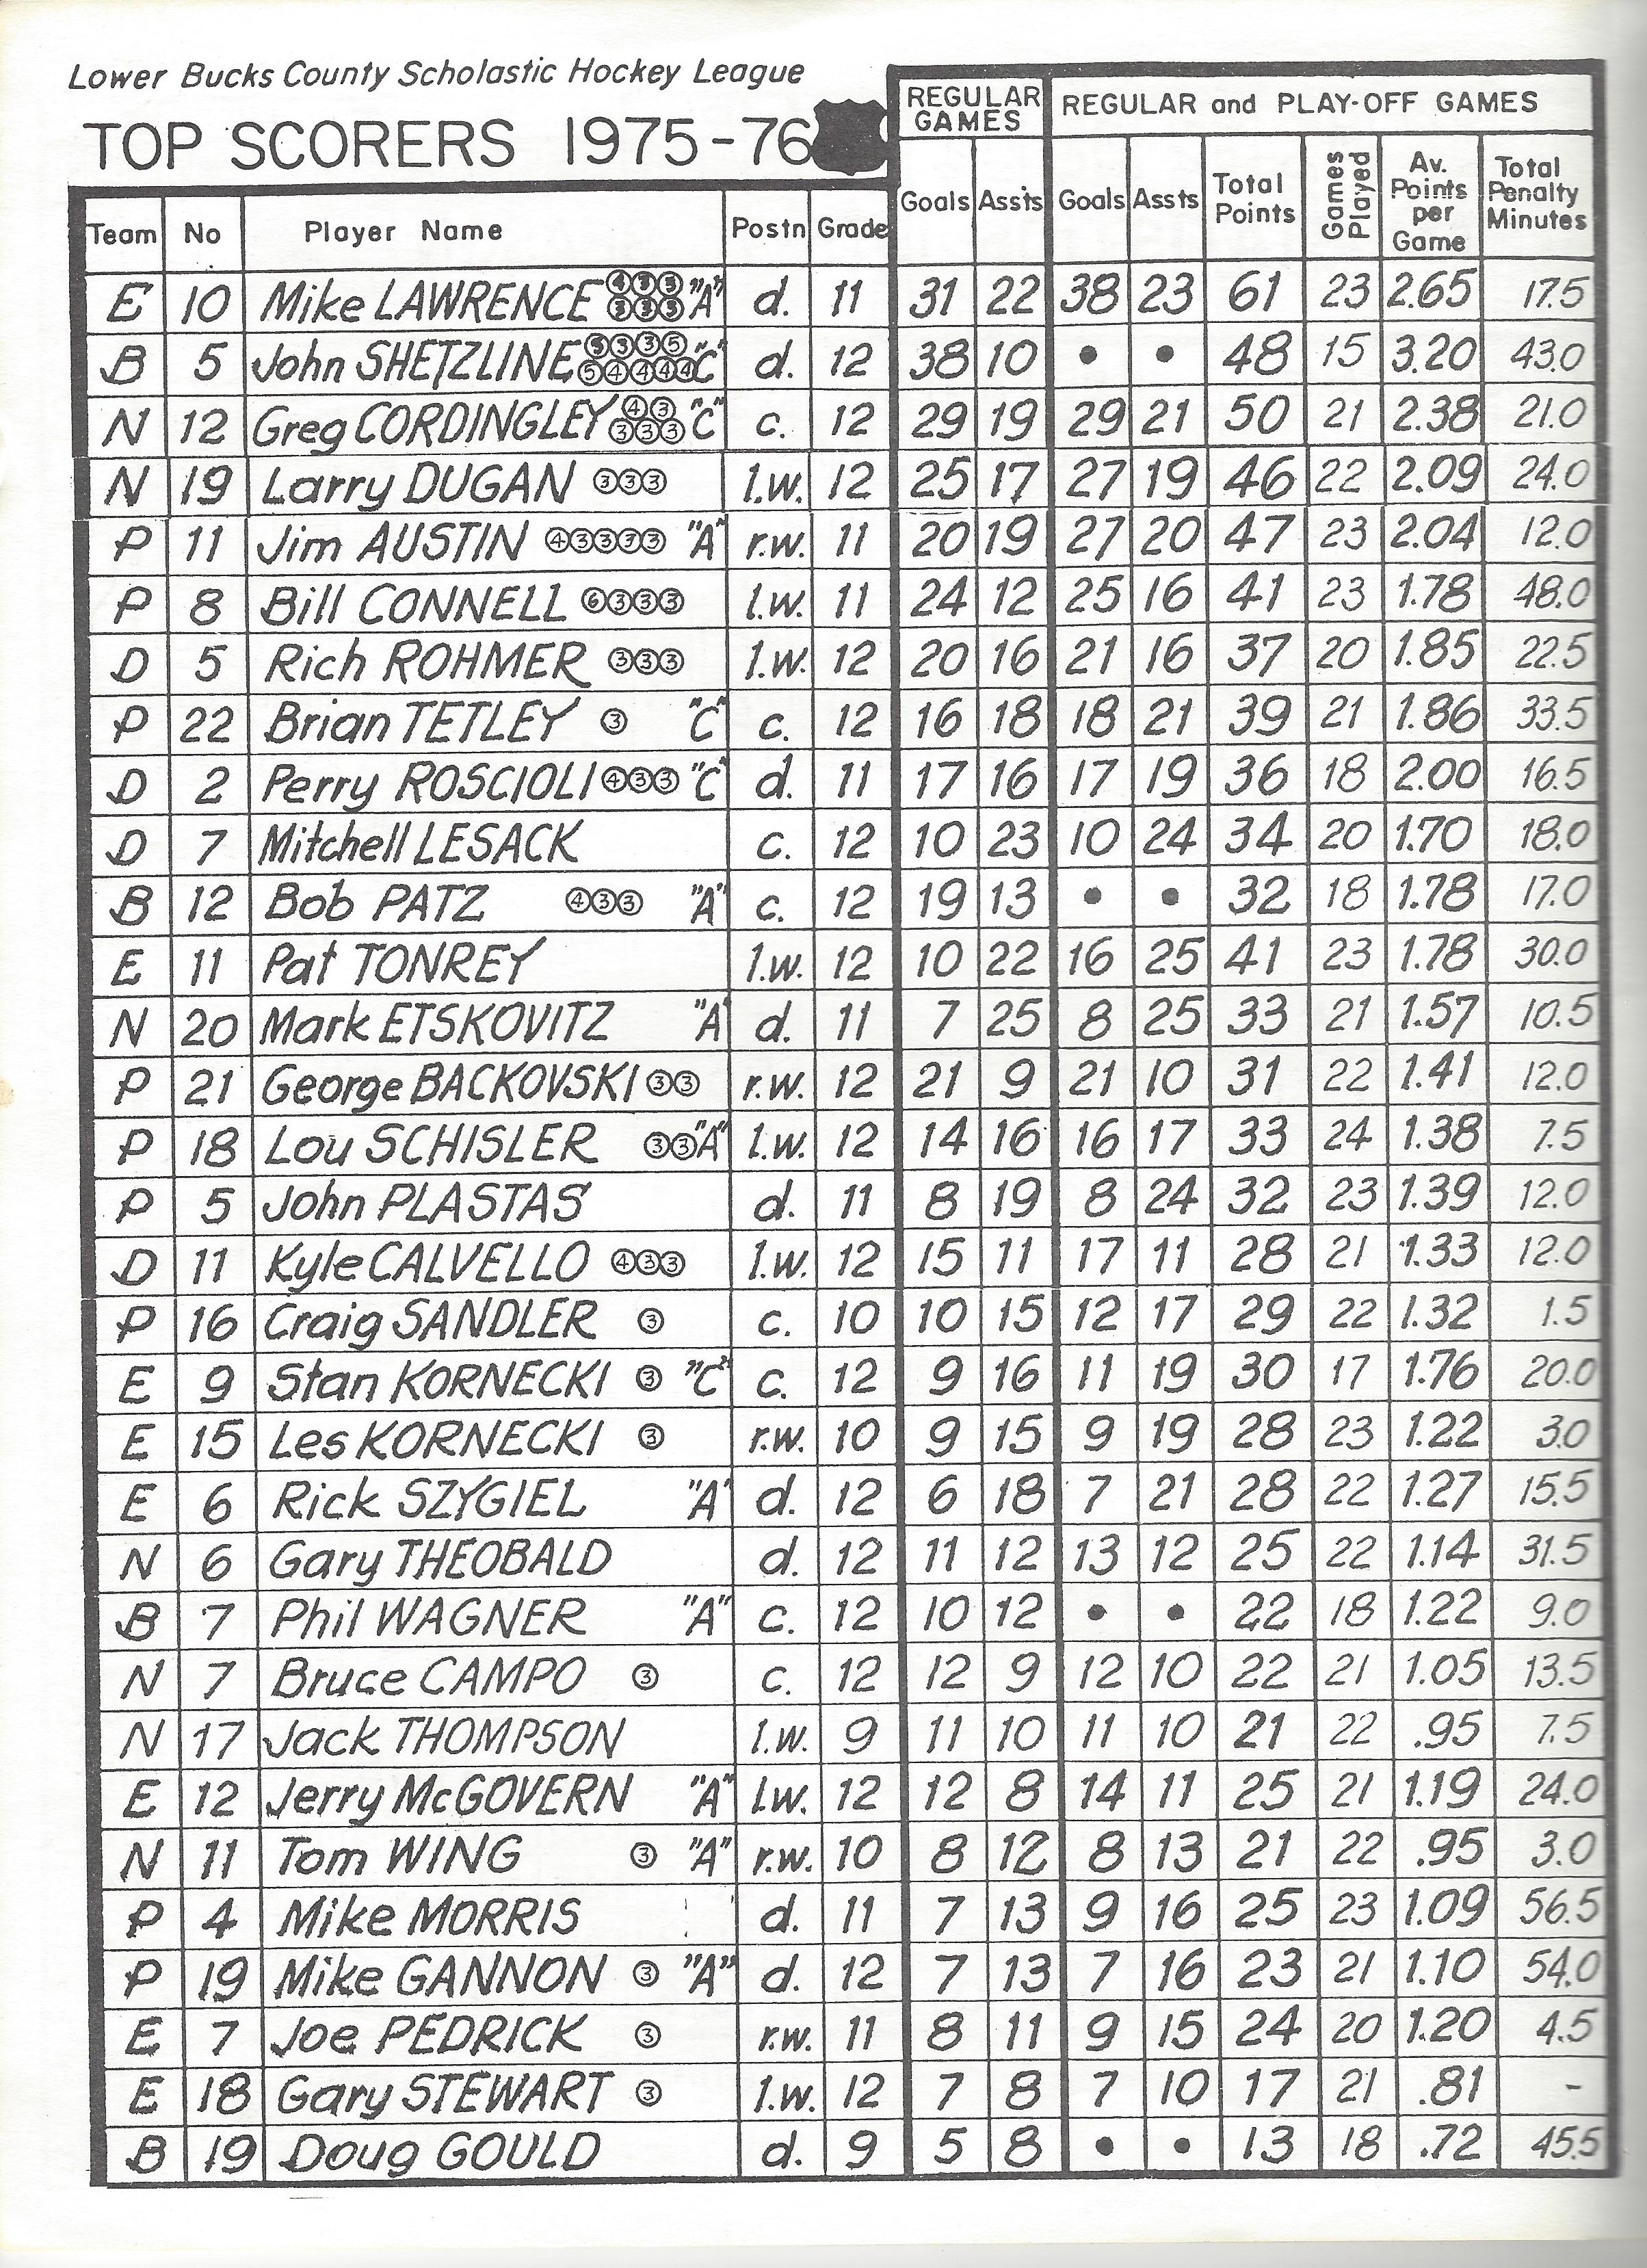 1976 LBCSHL League Top Scorers